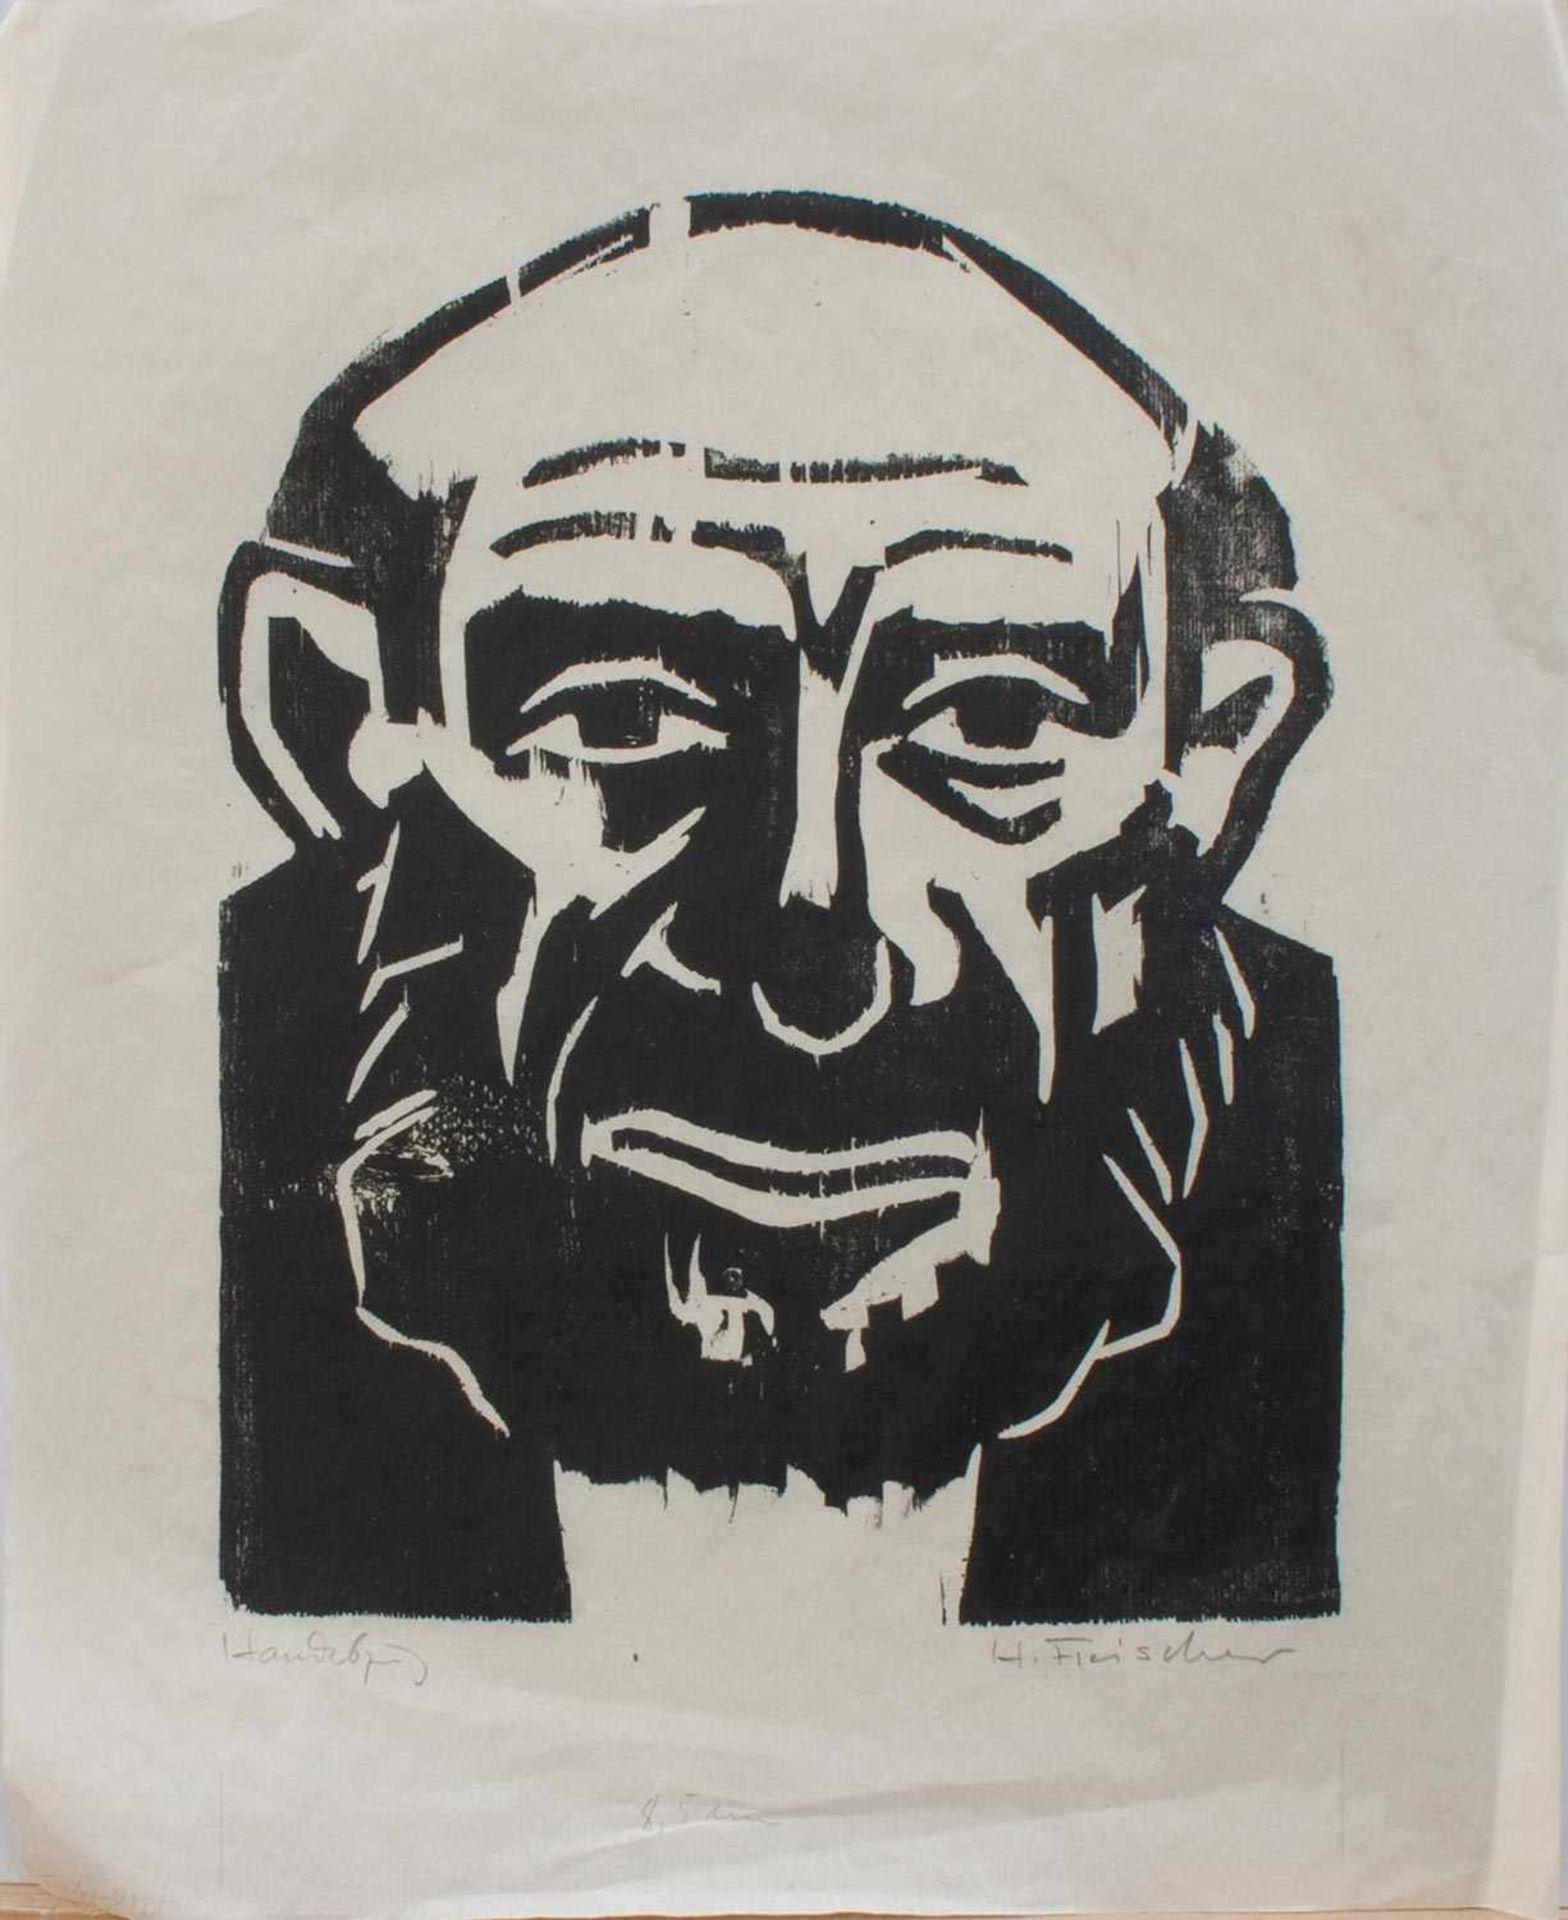 Heinz Fleischer (Zwickau 1920 - 1975 ebenda, deutscher Zeichner und Holzschneider, Autodidakt,